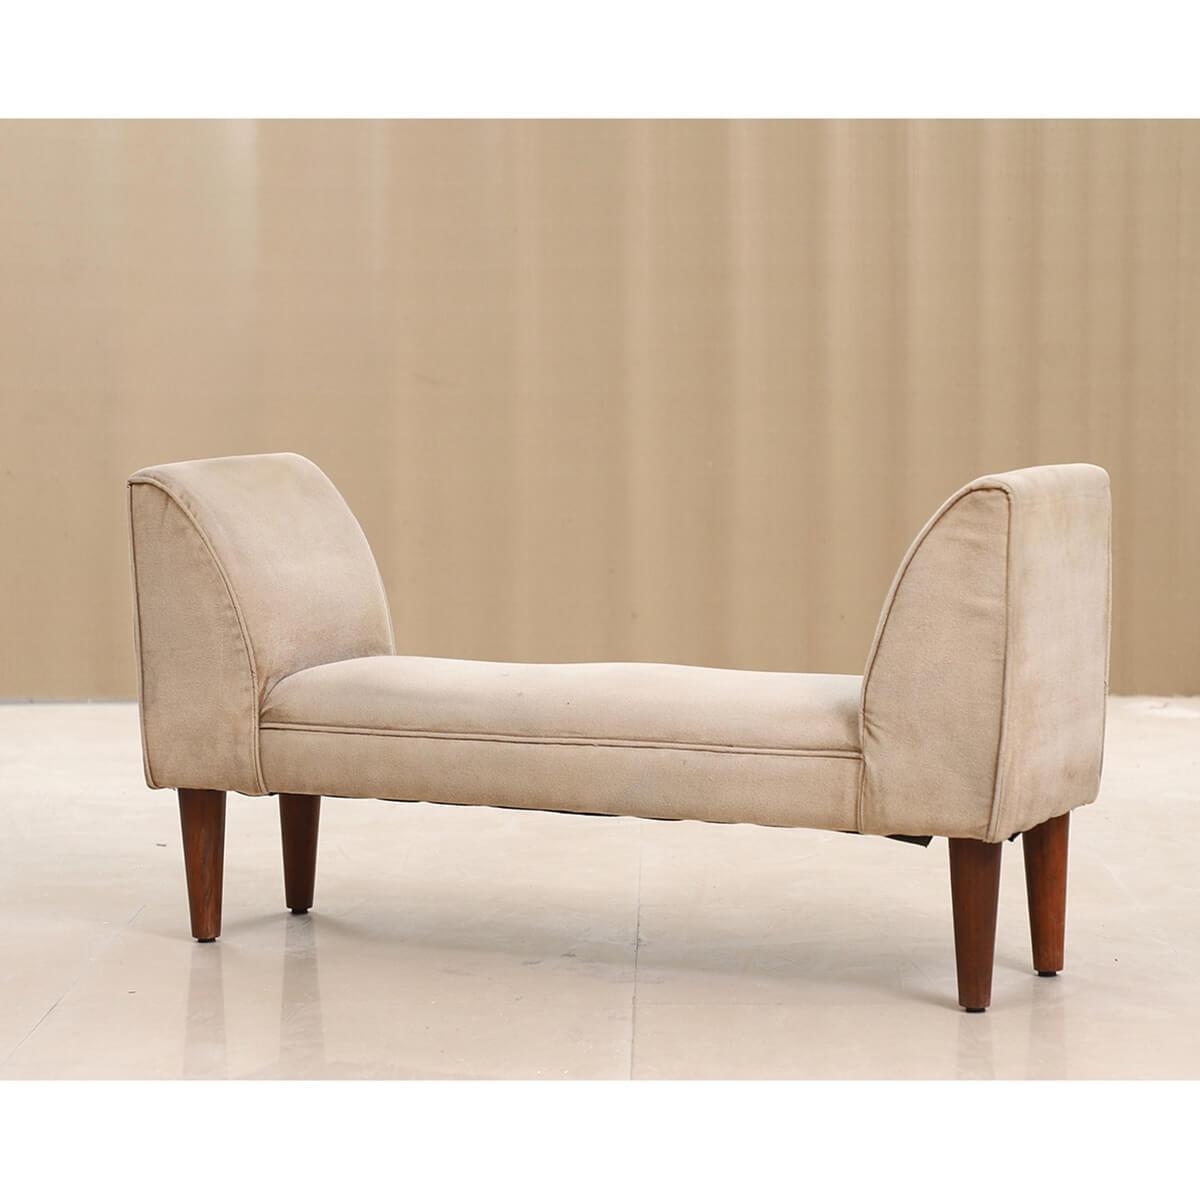 Ainaro Handmade Upholstered Bench